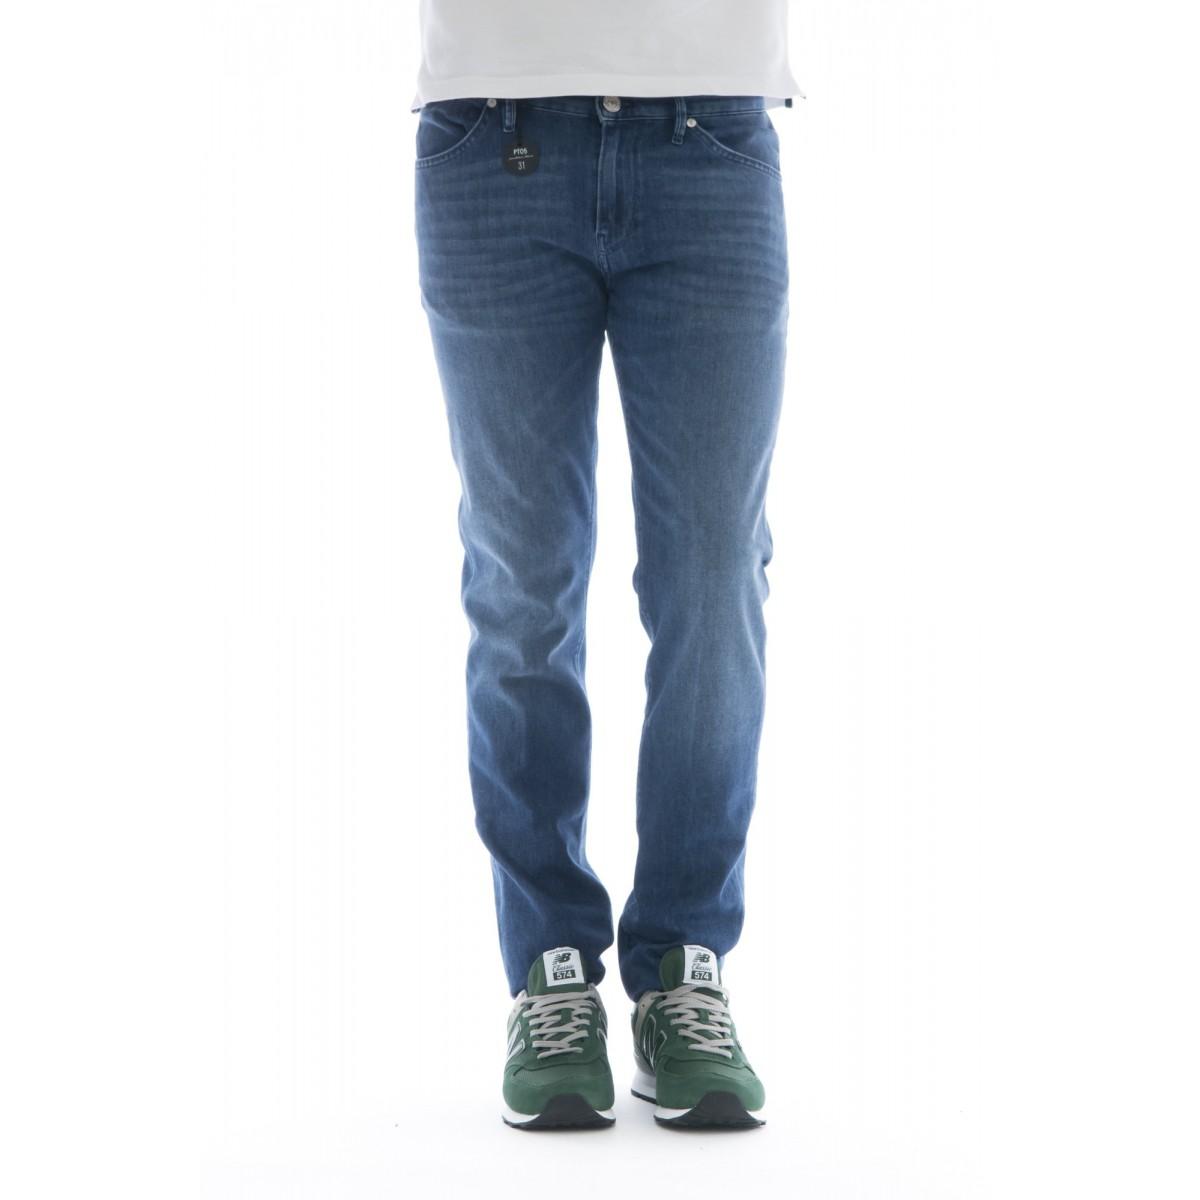 Jeans - Swing ca19